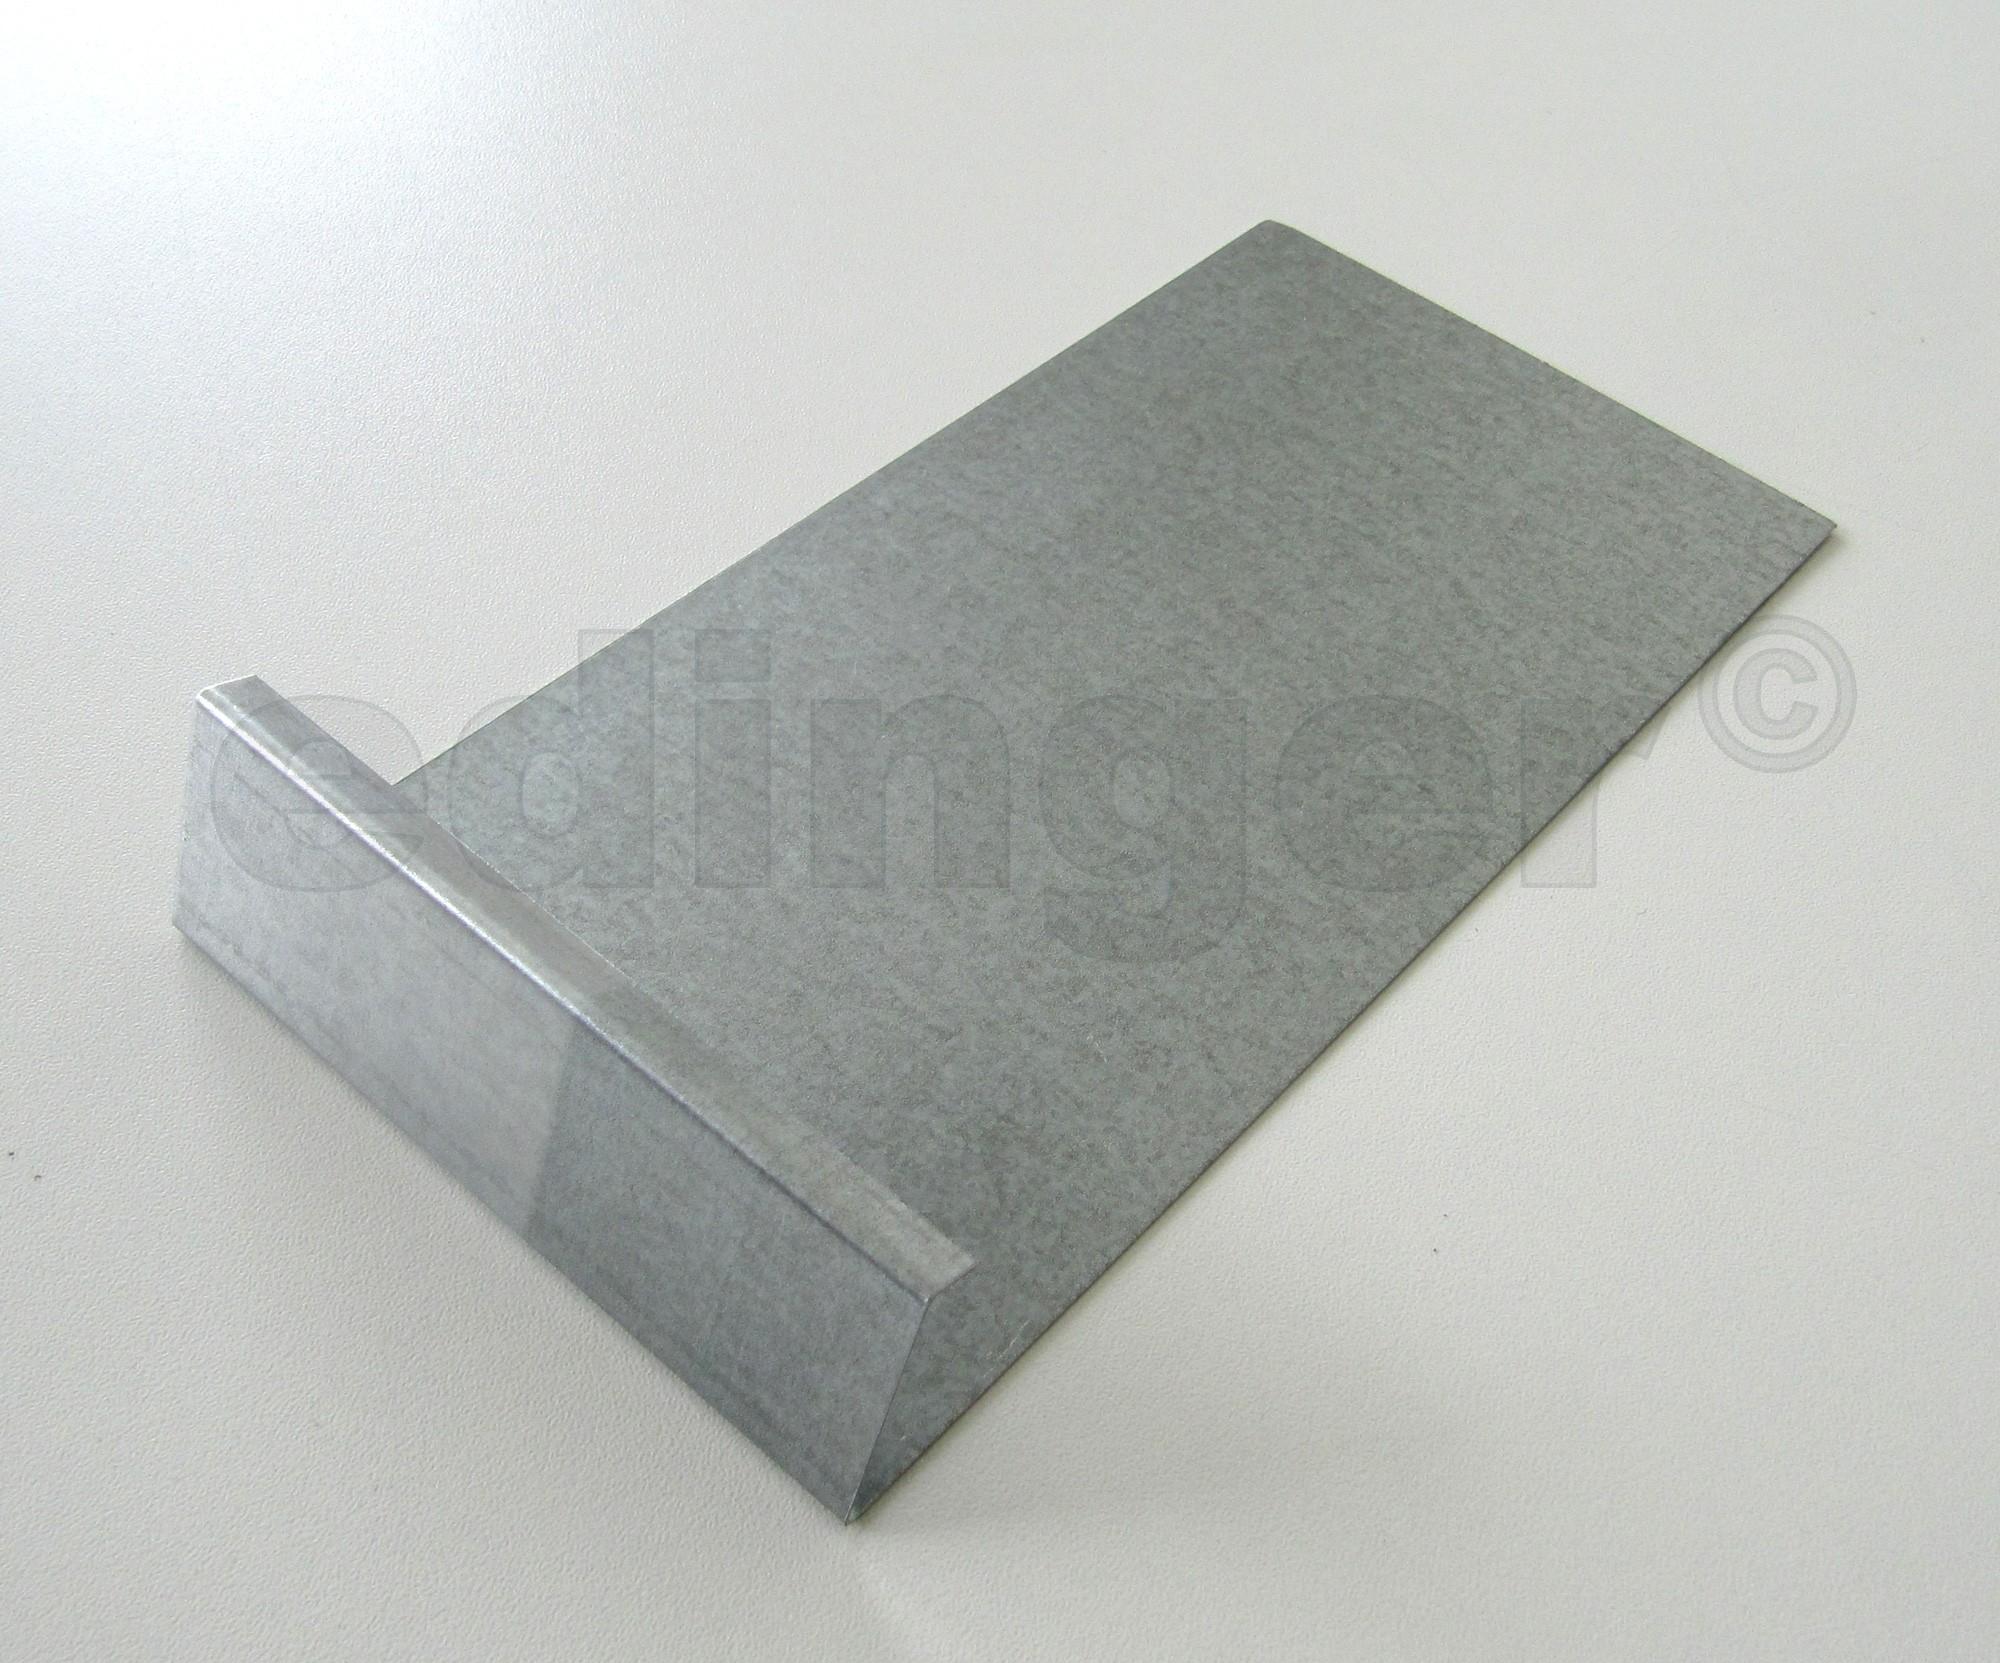 Schneckenzaun / Schneckenblech Metall Verbinder Bild 1